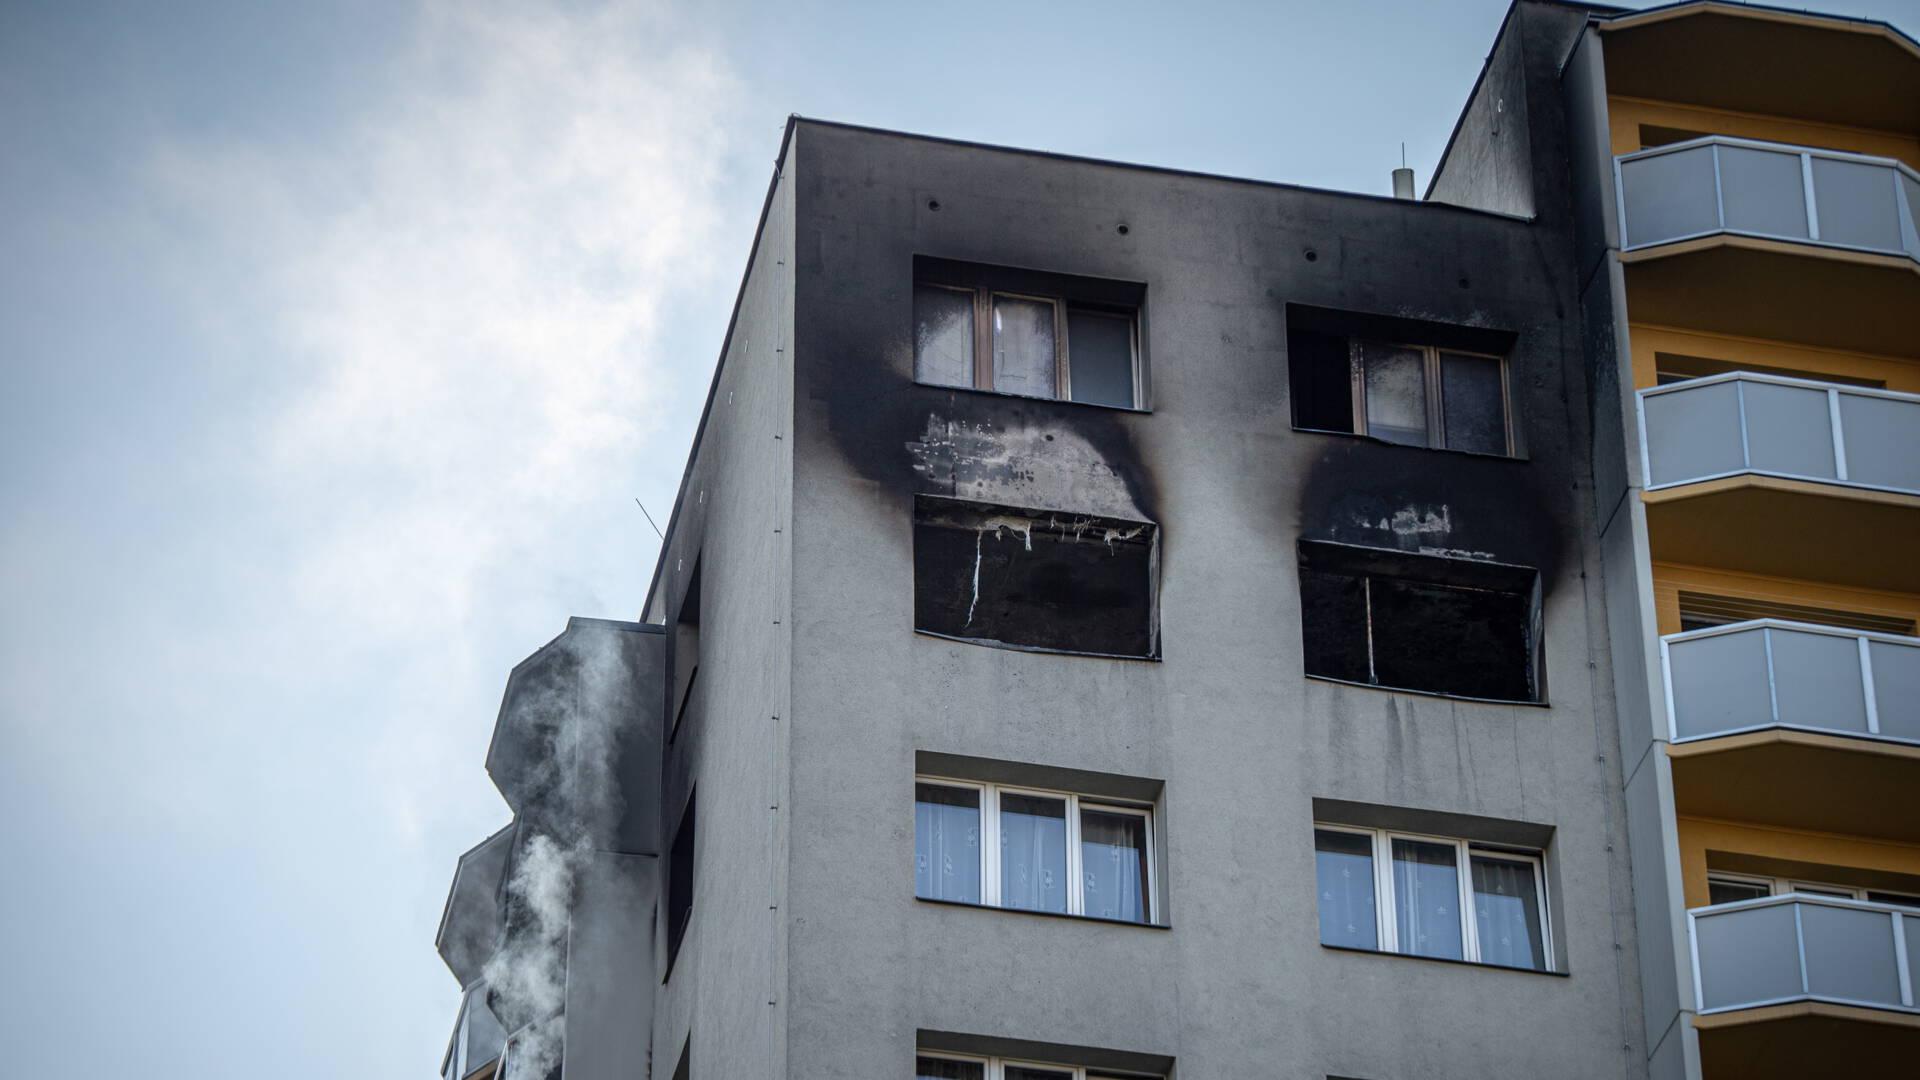 11 قتيلاً في حريق برج سكني في جمهورية التشيك